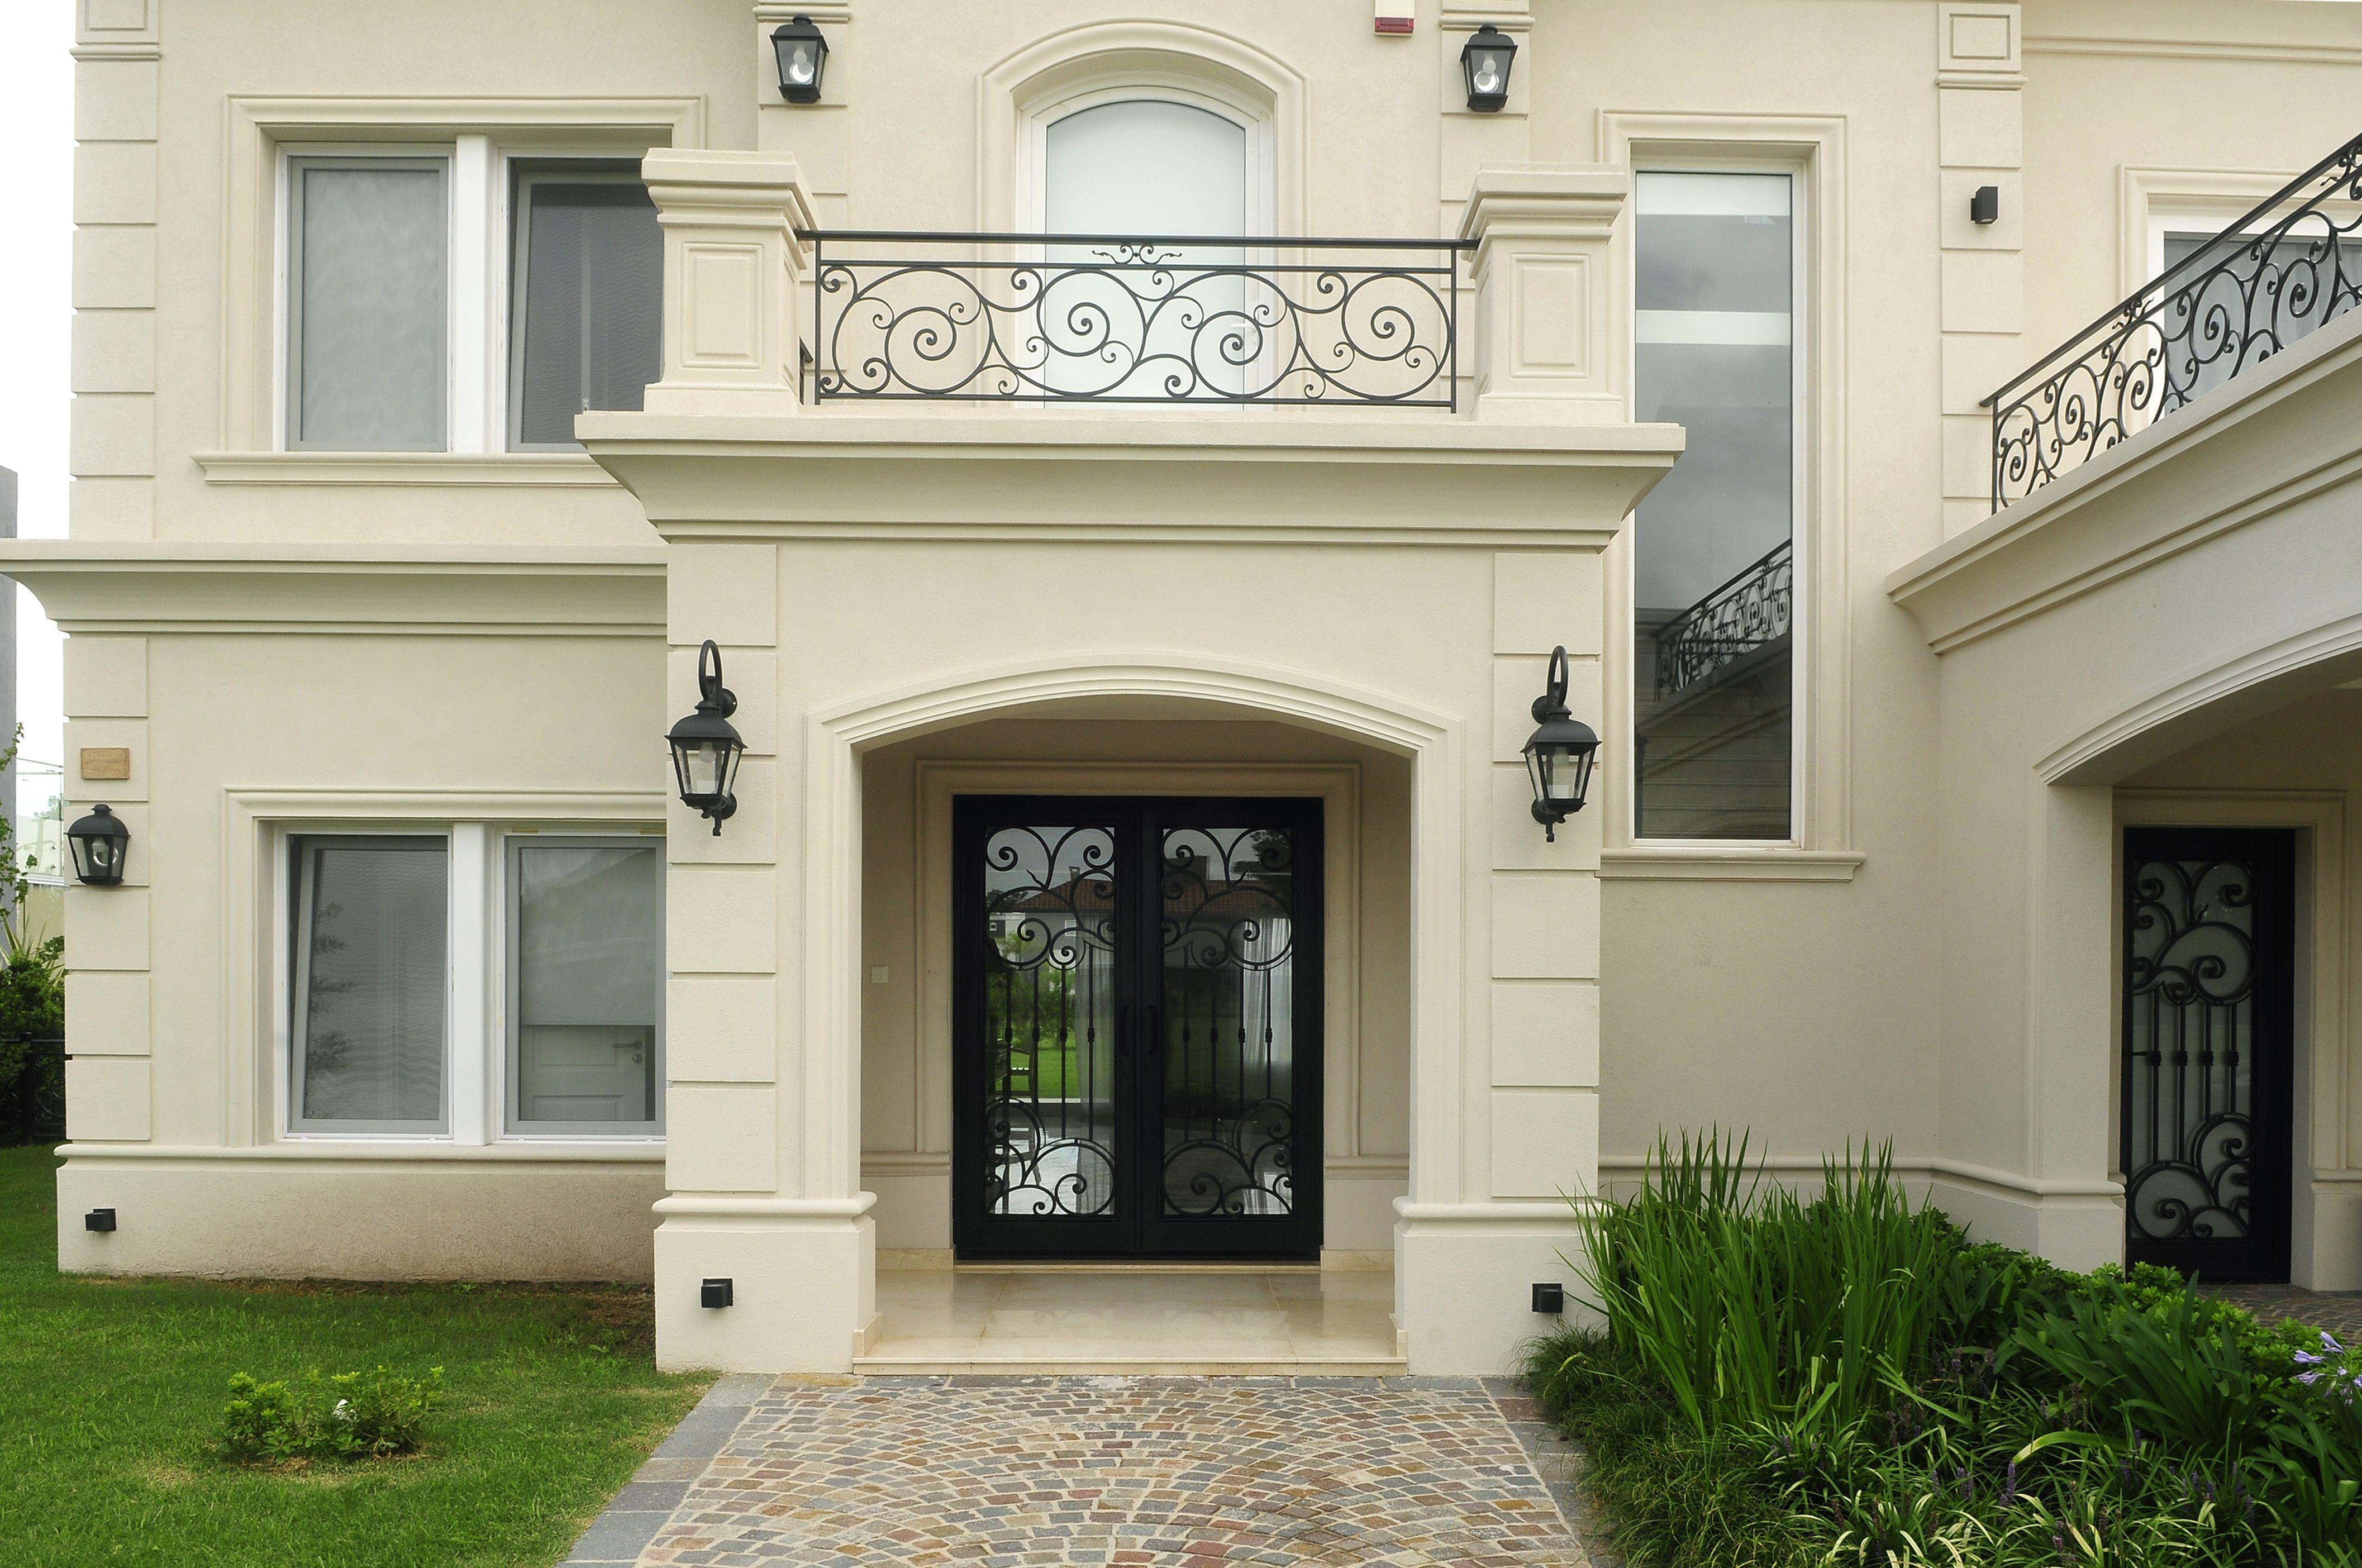 Obra fernandez borda arquitectura puerta de hierro - Fachadas de casas clasicas ...